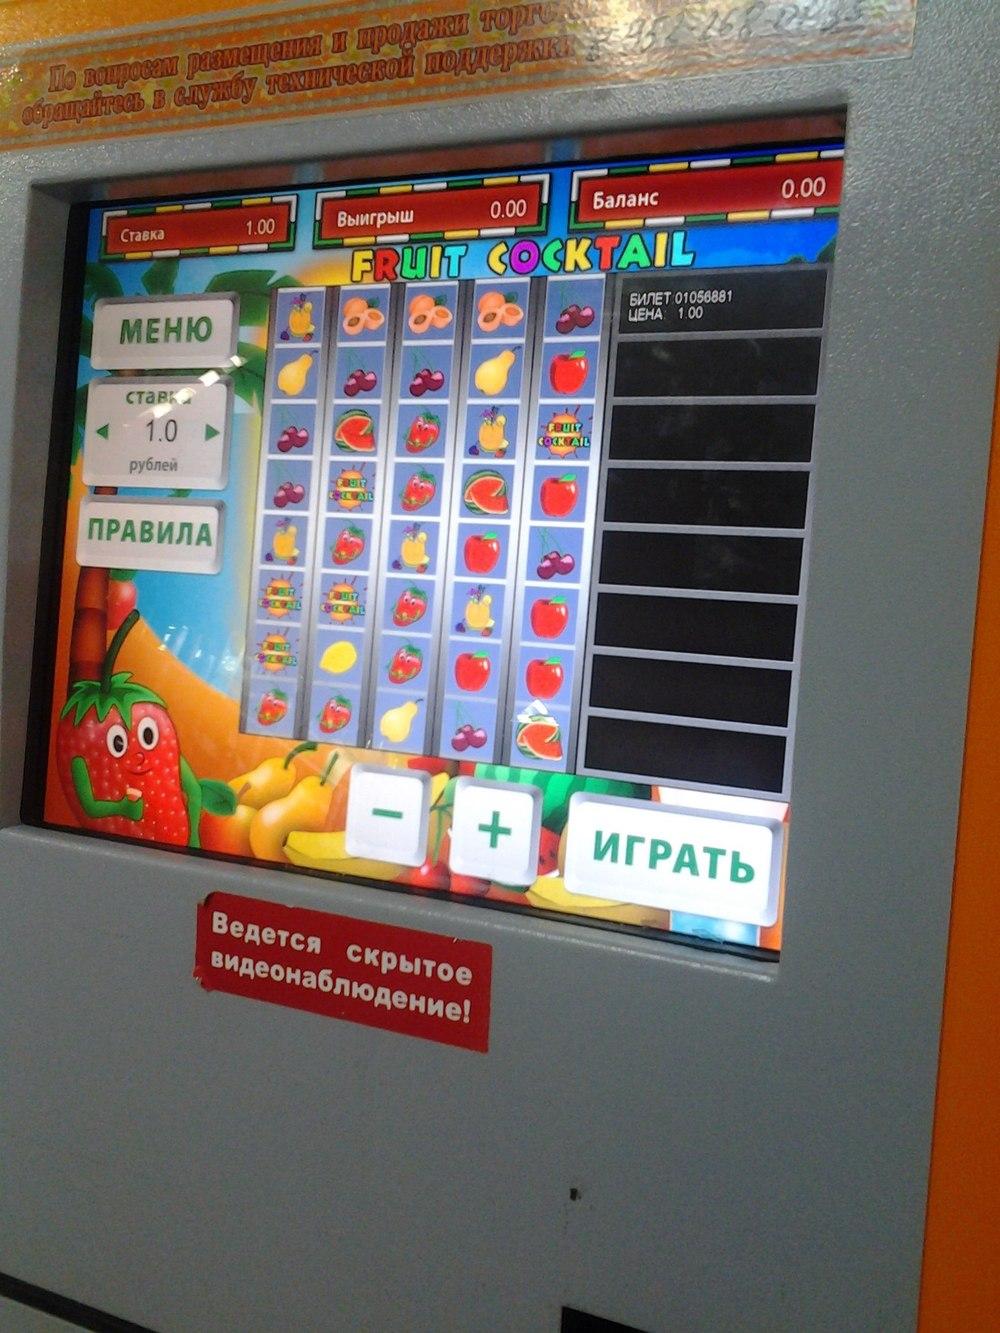 Игровые автоматы в продуктовых магазинах онлайн бесплатно казино